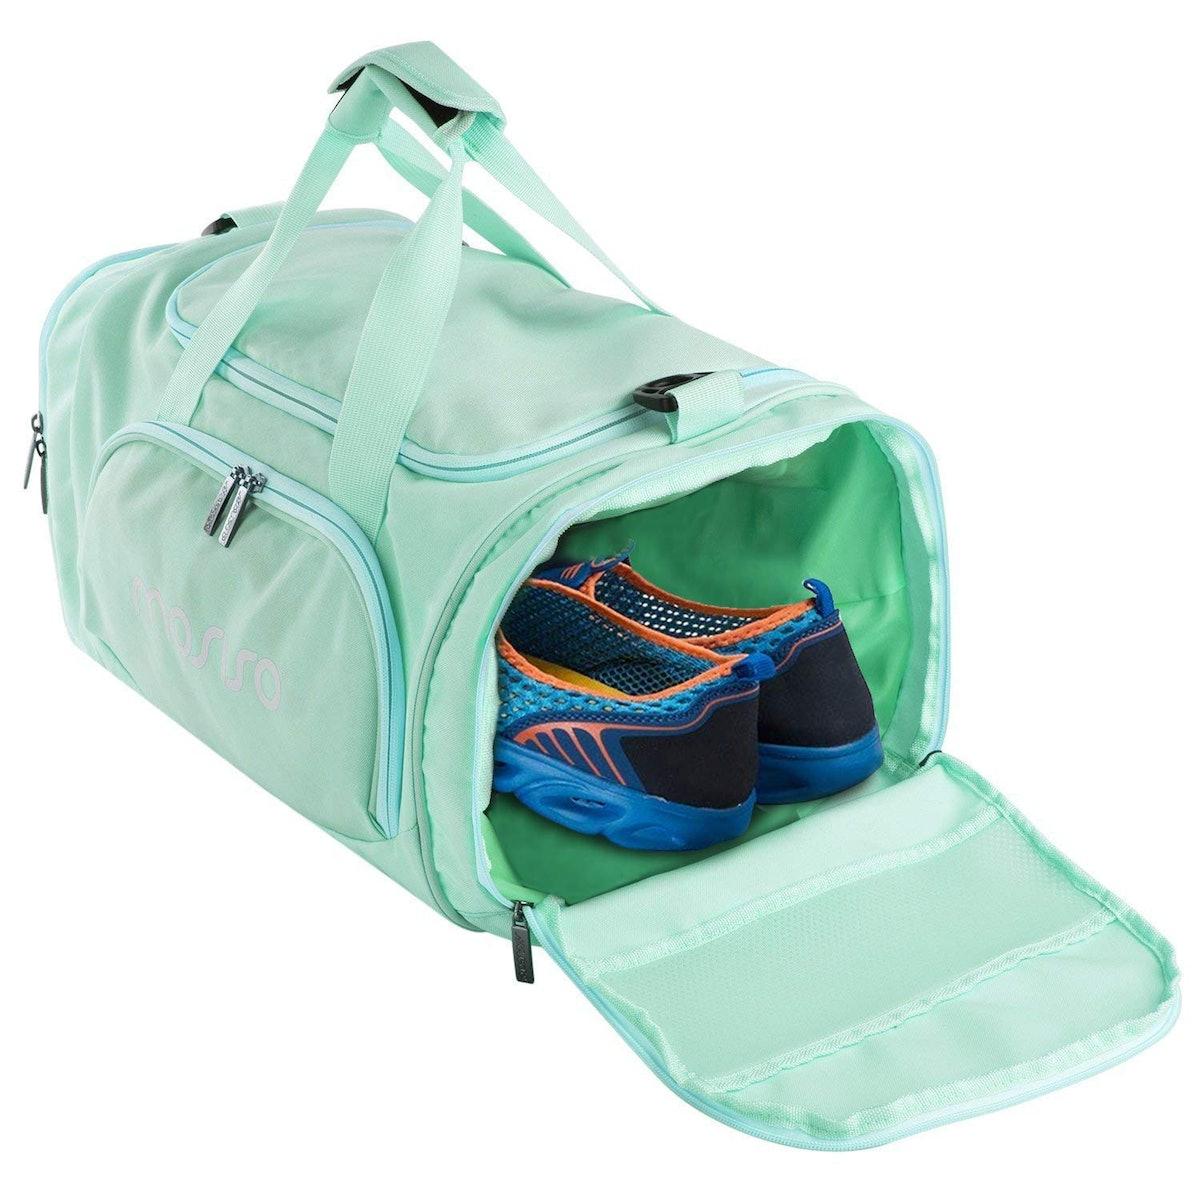 MOSISO Duffel Bag